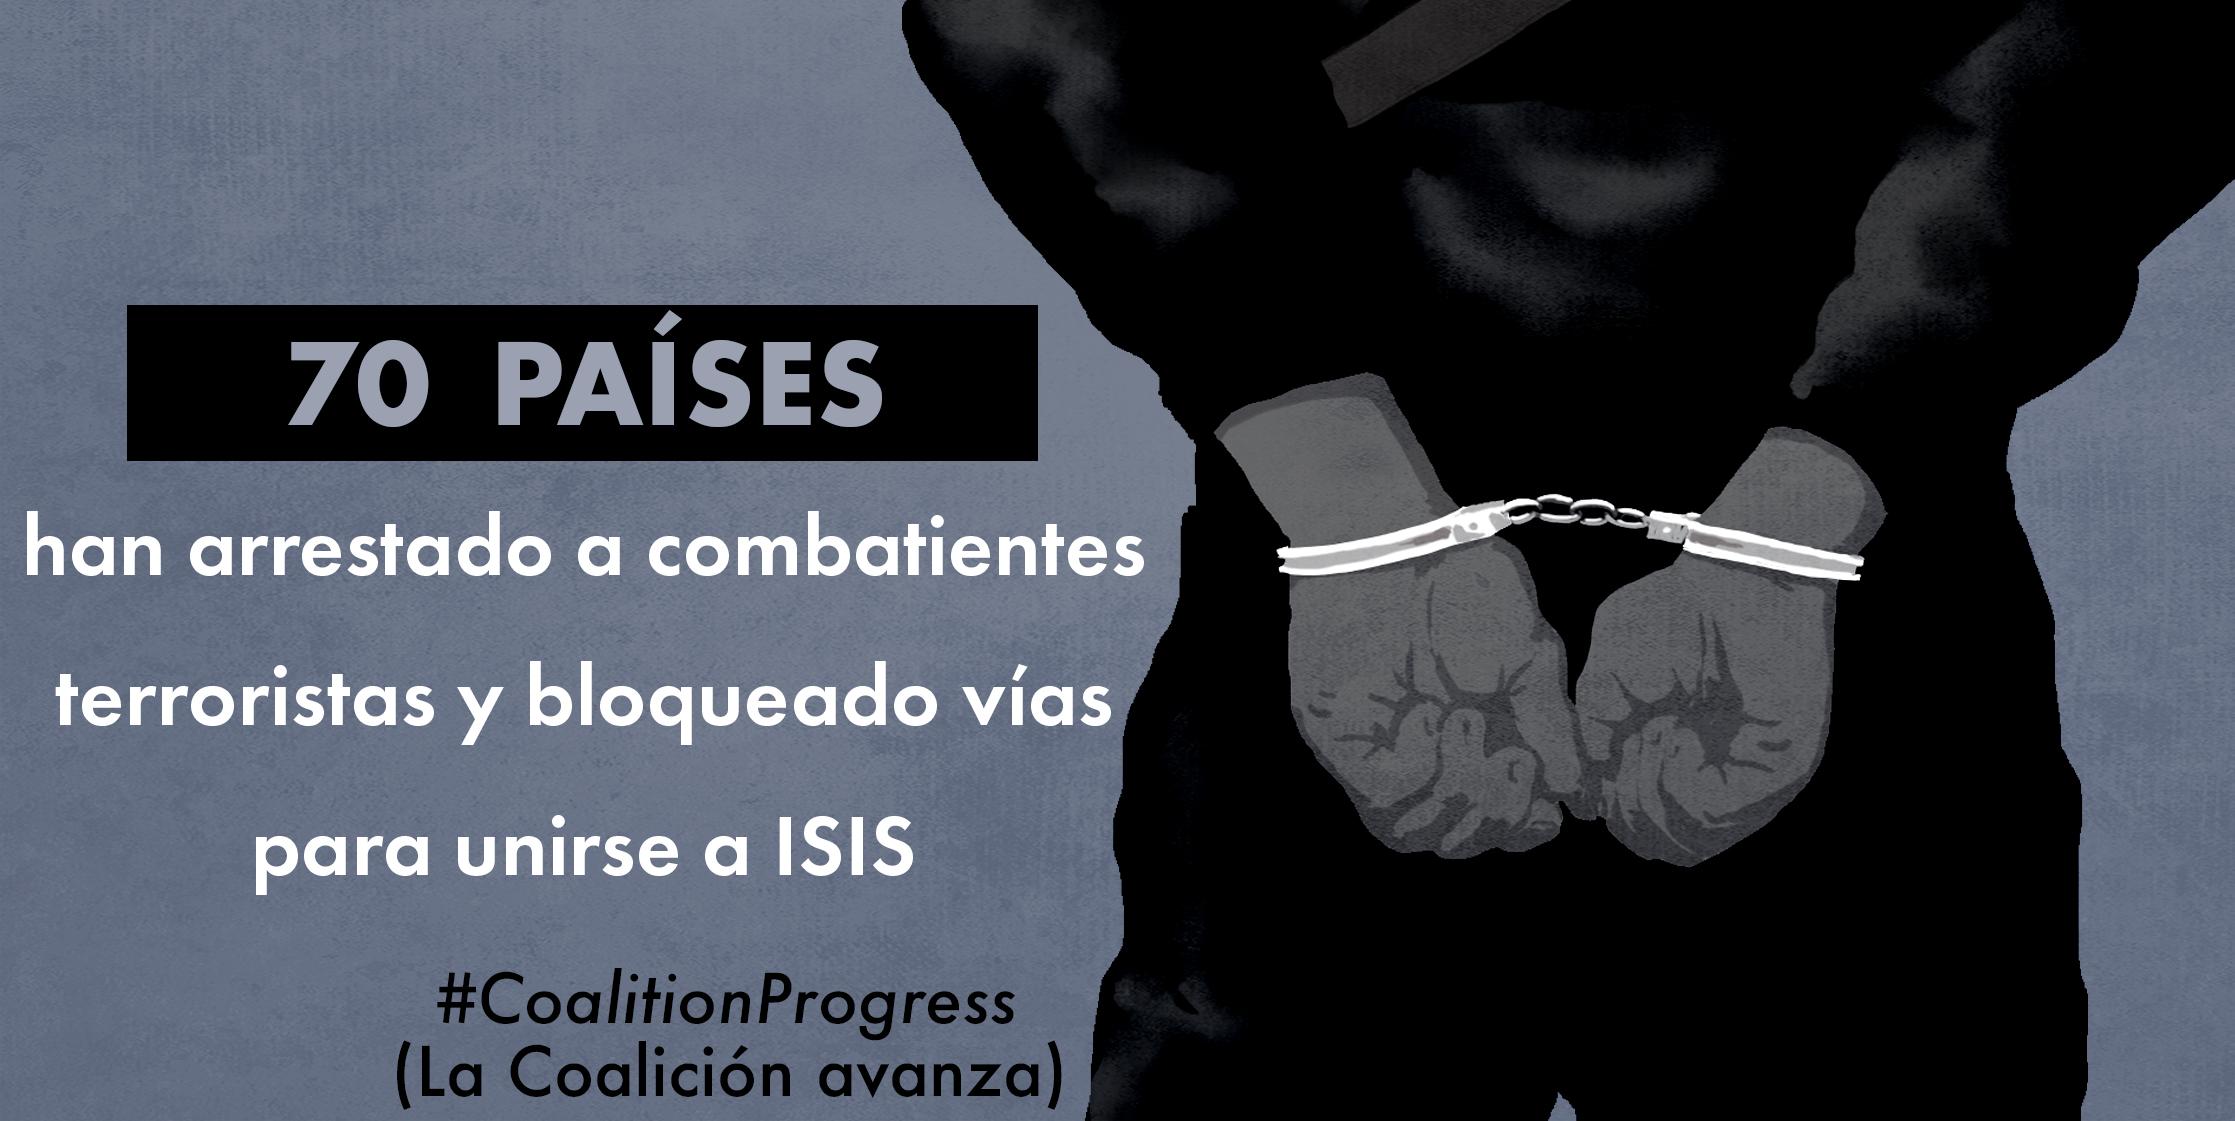 """Ilustración que muestra las manos esposadas de una persona desde atrás y un texto que dice: """"70 países han arrestado a combatientes terroristas y han bloqueado vías para unirse a ISIS"""" (Depto. de Estado/D. Thompson)"""